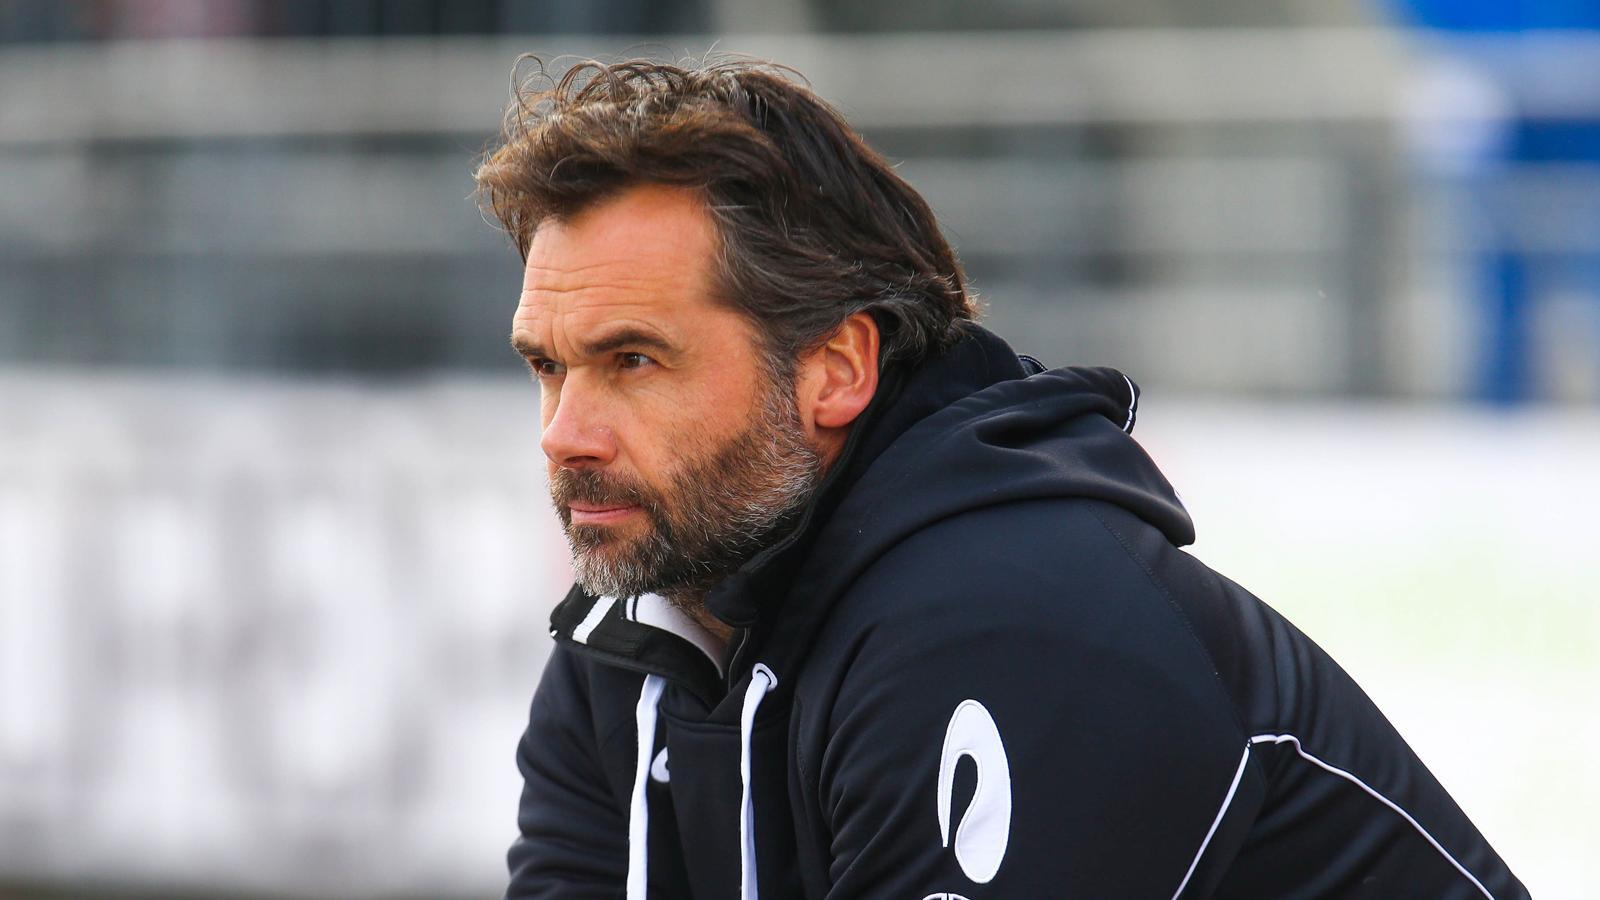 Ugo Mola, nouvel entraîneur en chef du Stade toulousain - décembre 2012